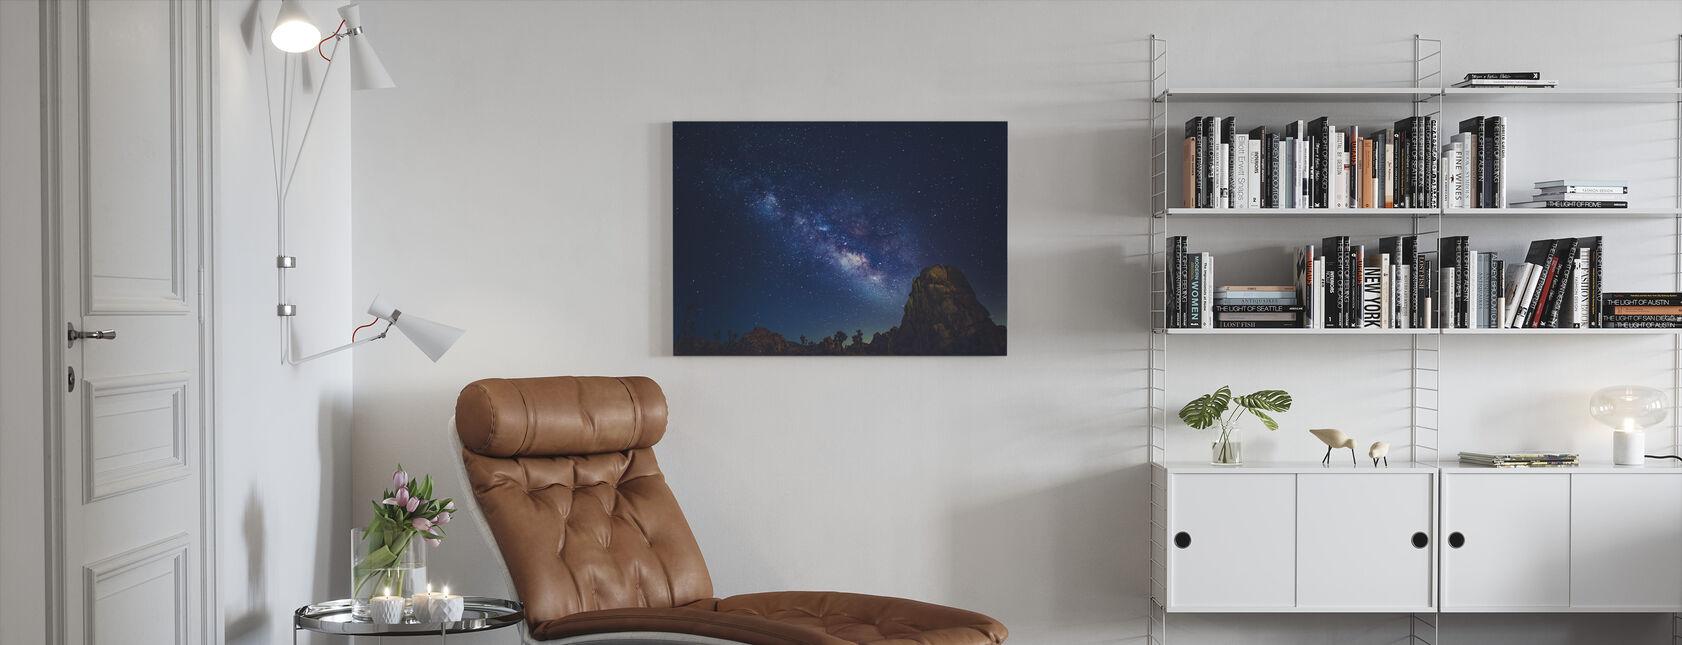 Stjerner van Joshua Tree, Californien - Lerretsbilde - Stue